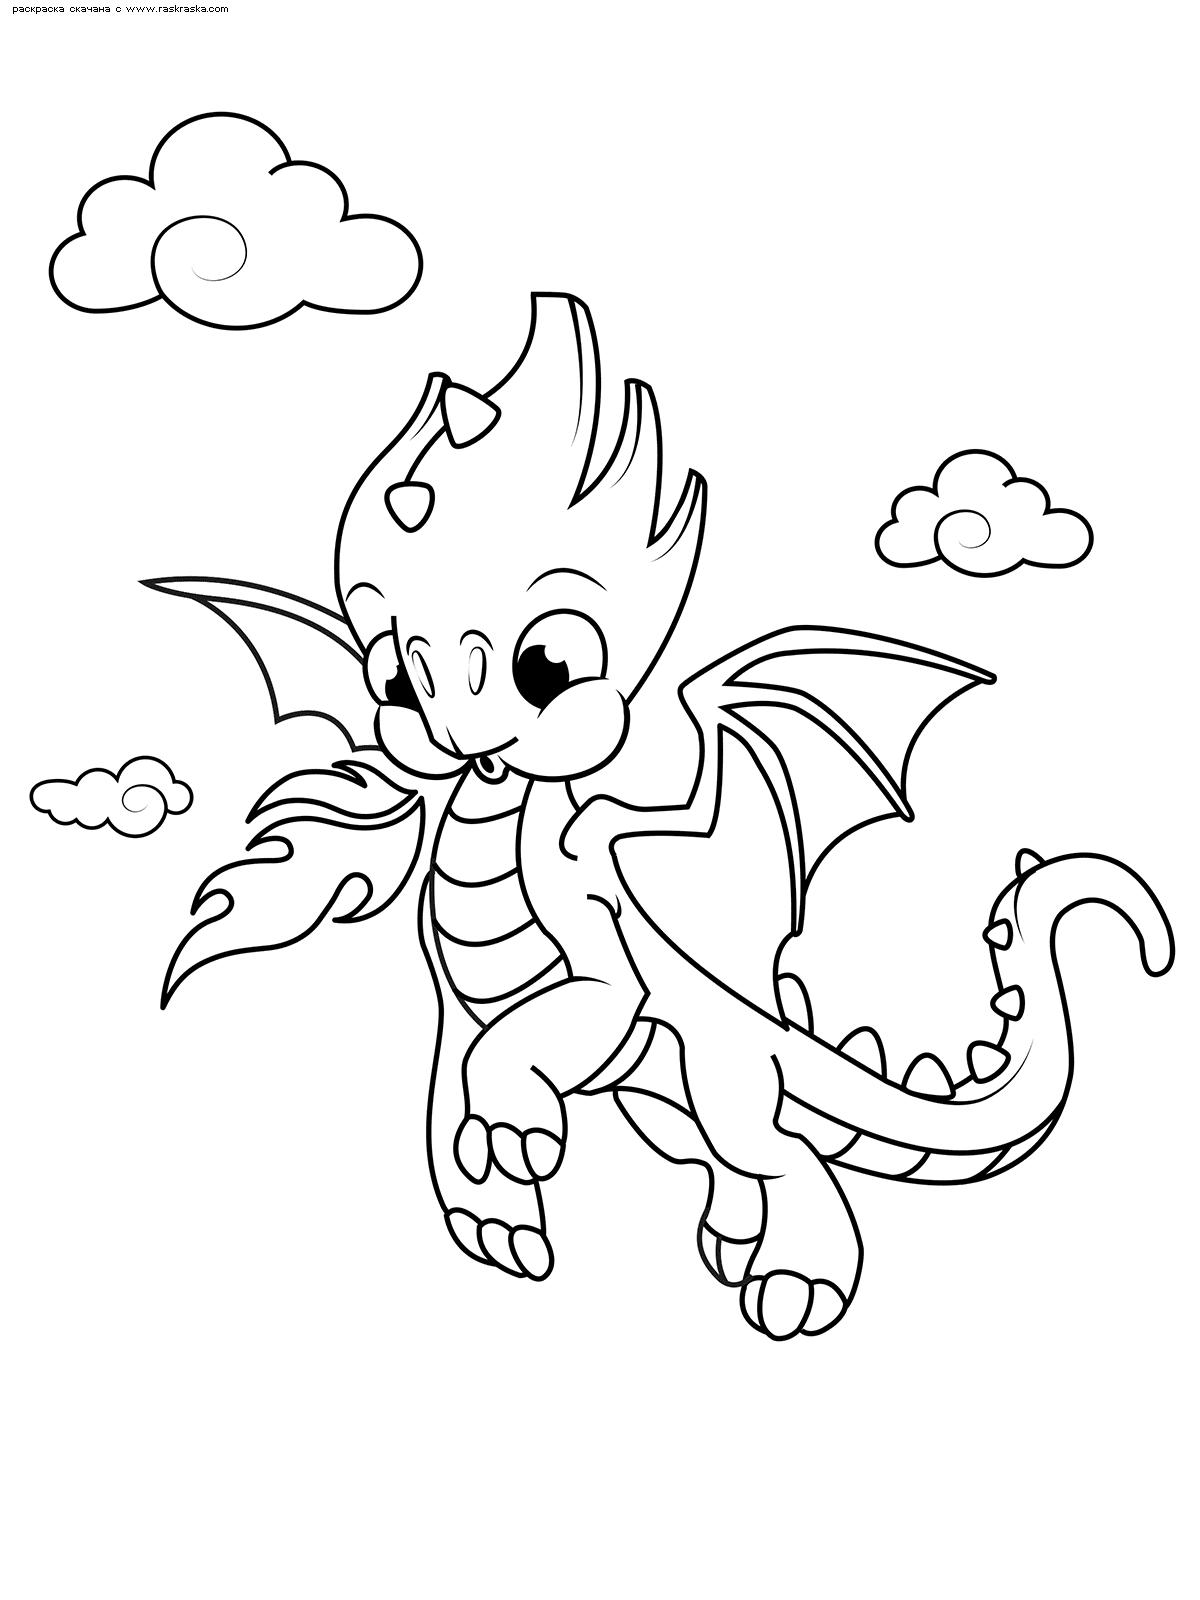 Раскраска Милый дракончик | Раскраски с дракончиками для детей